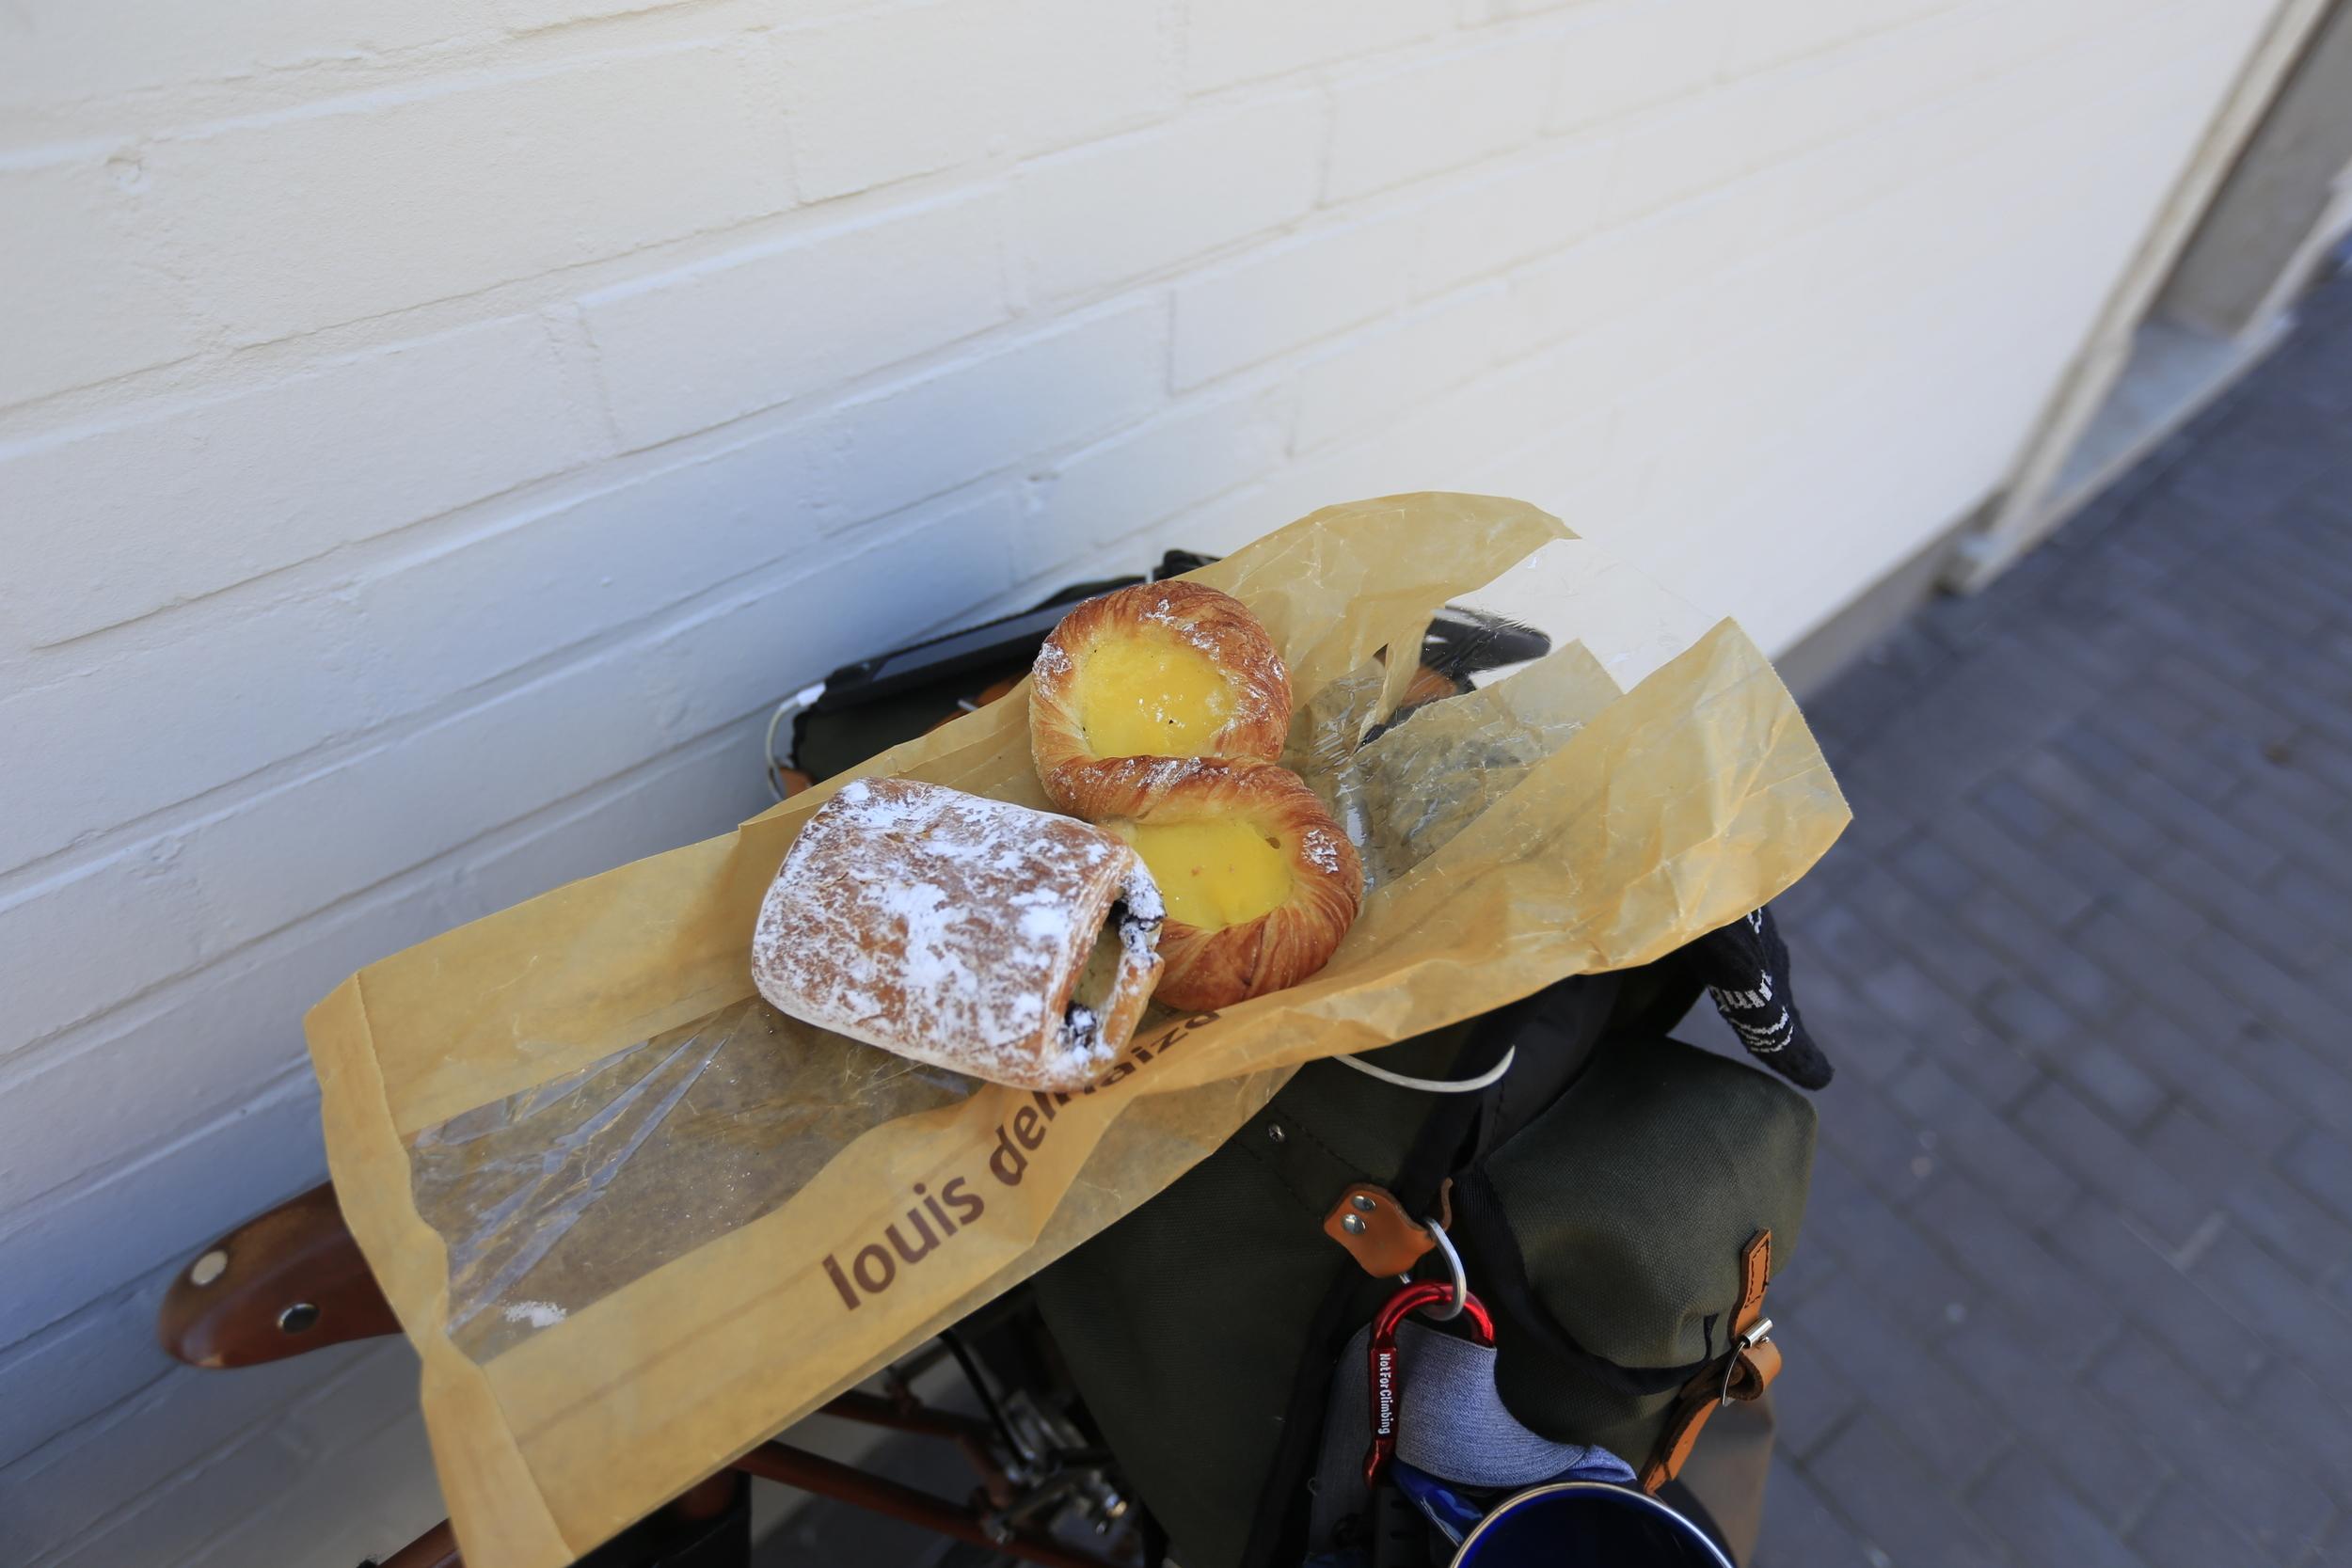 food, foodie, food blog, taste, bikepacking food, cycle touring food, travel, photography, adventure, bicycle, bikes, mountain bike, cycle gear, road bikes, road bike, raleigh bikes, bicycles, bike parts,